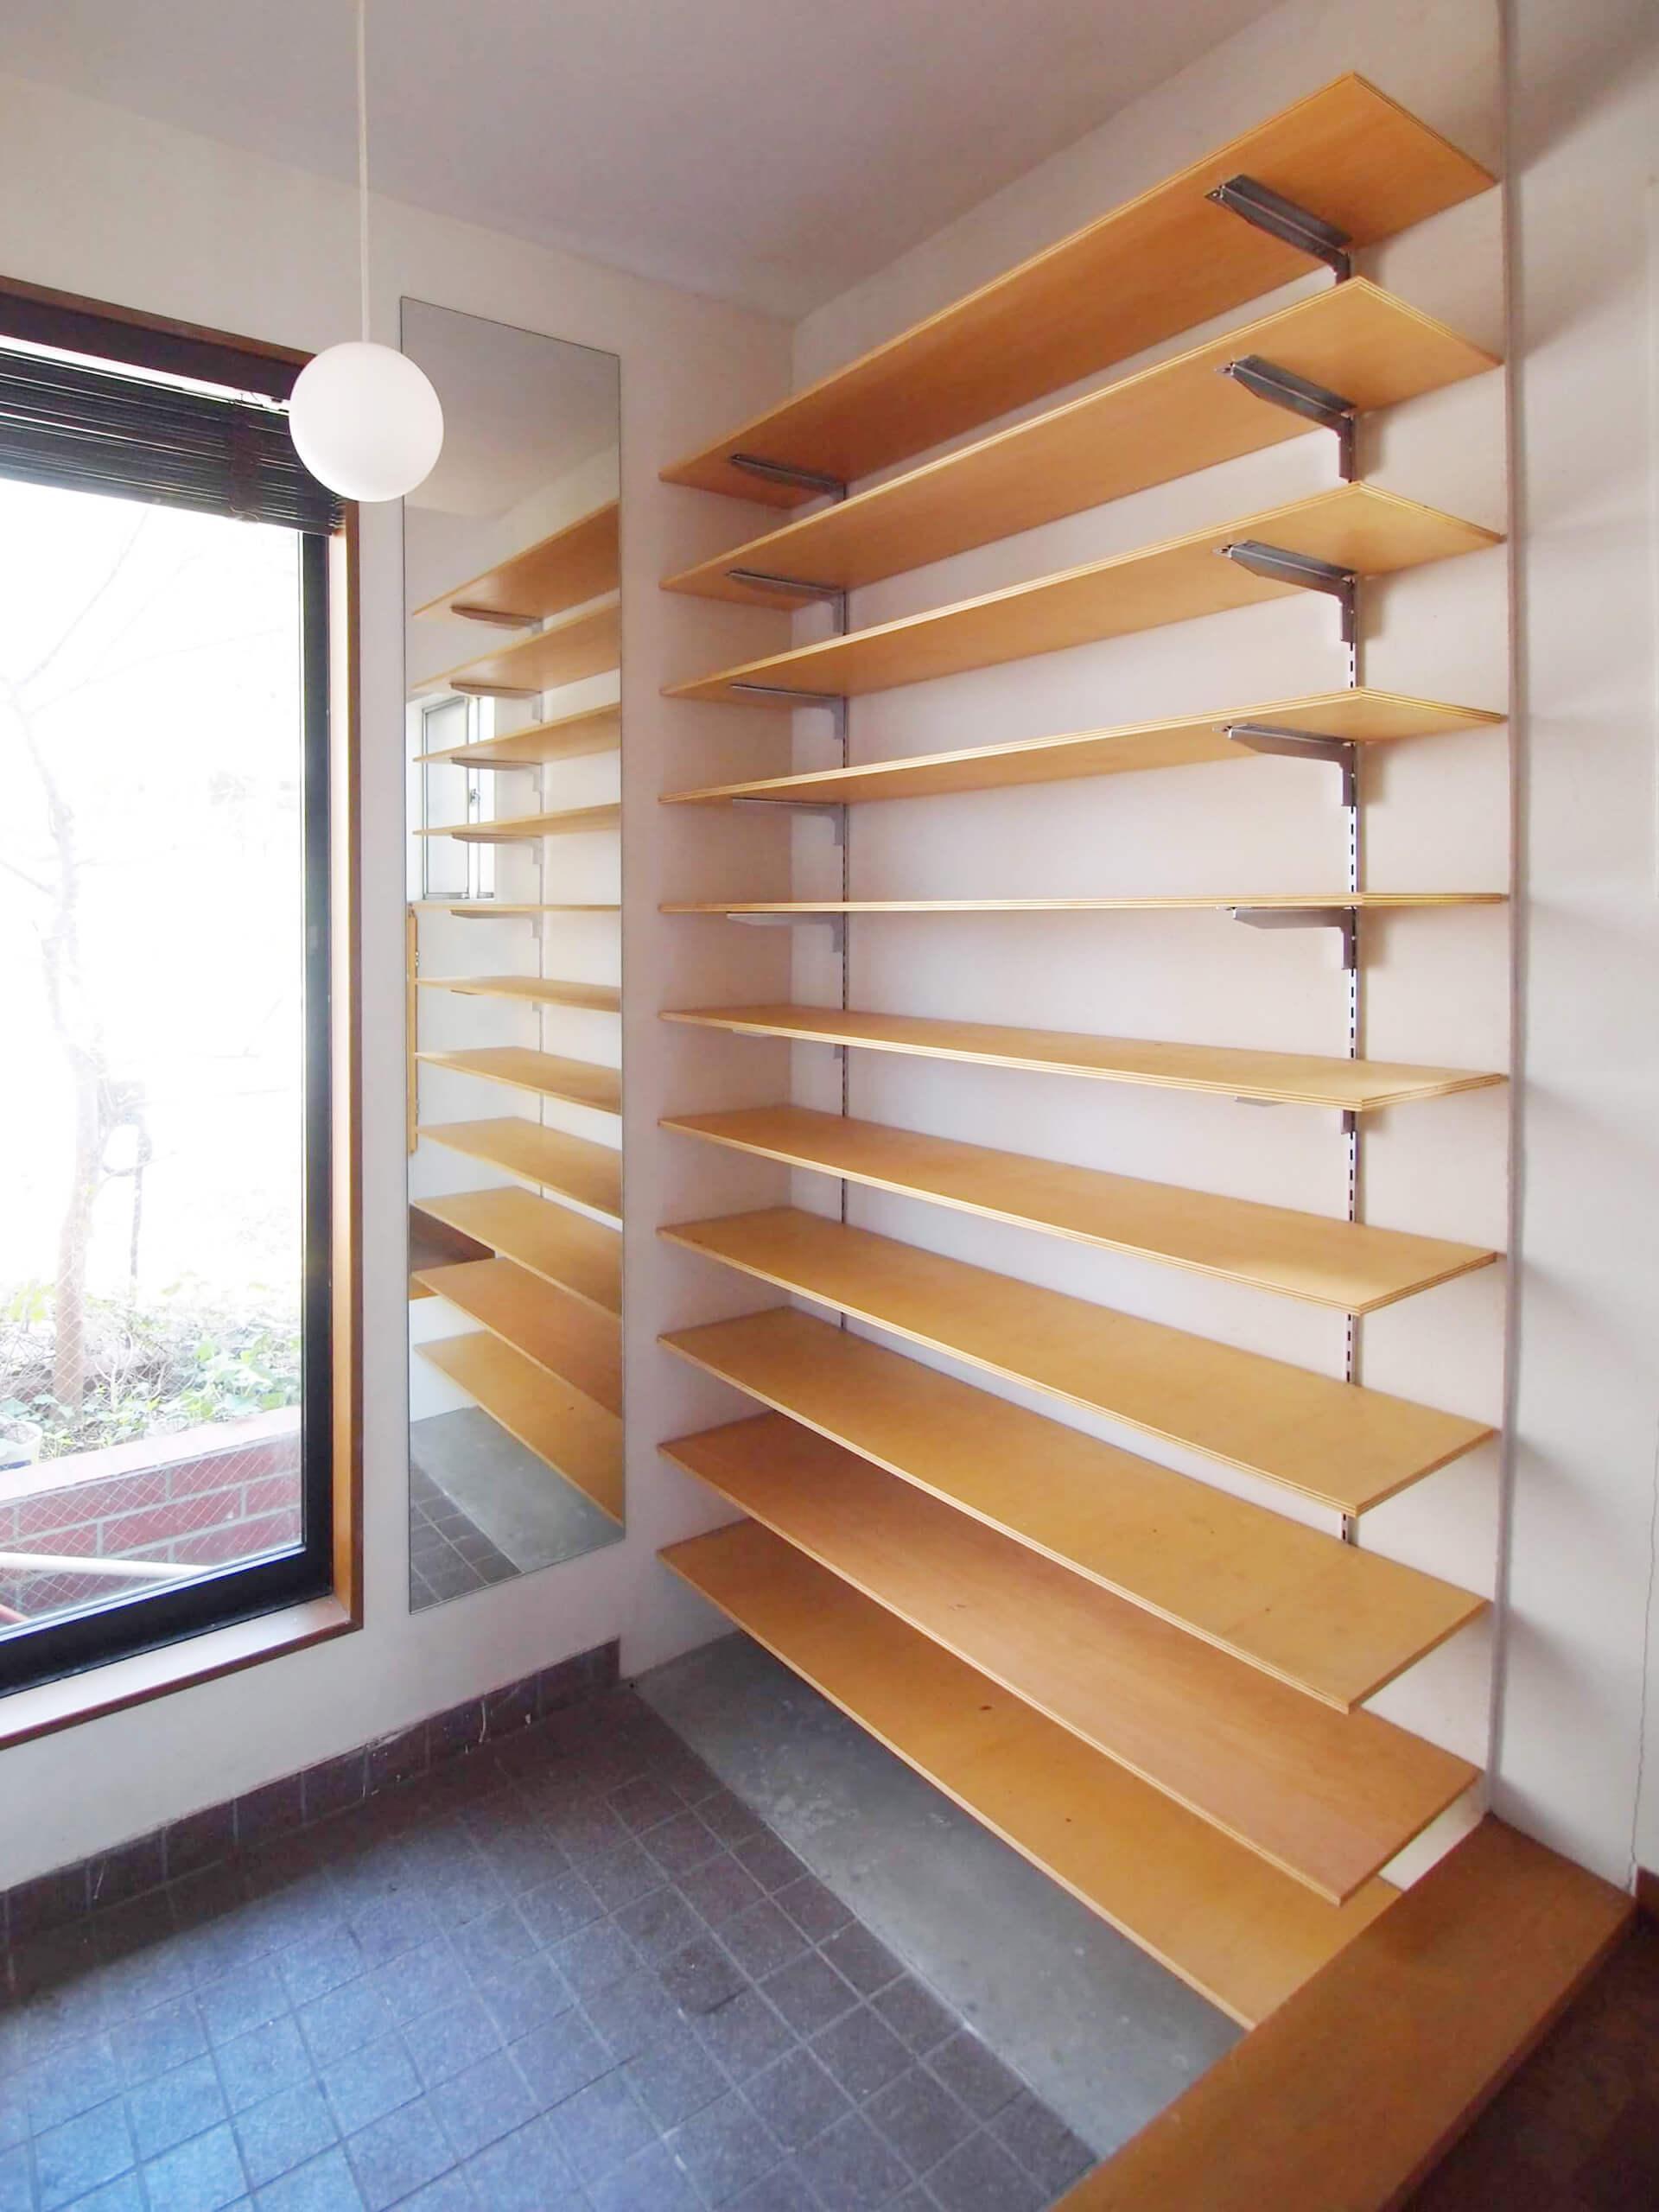 【玄関】靴がたくさん並べられる可動式の棚。窓にはウッドブラインドがついている